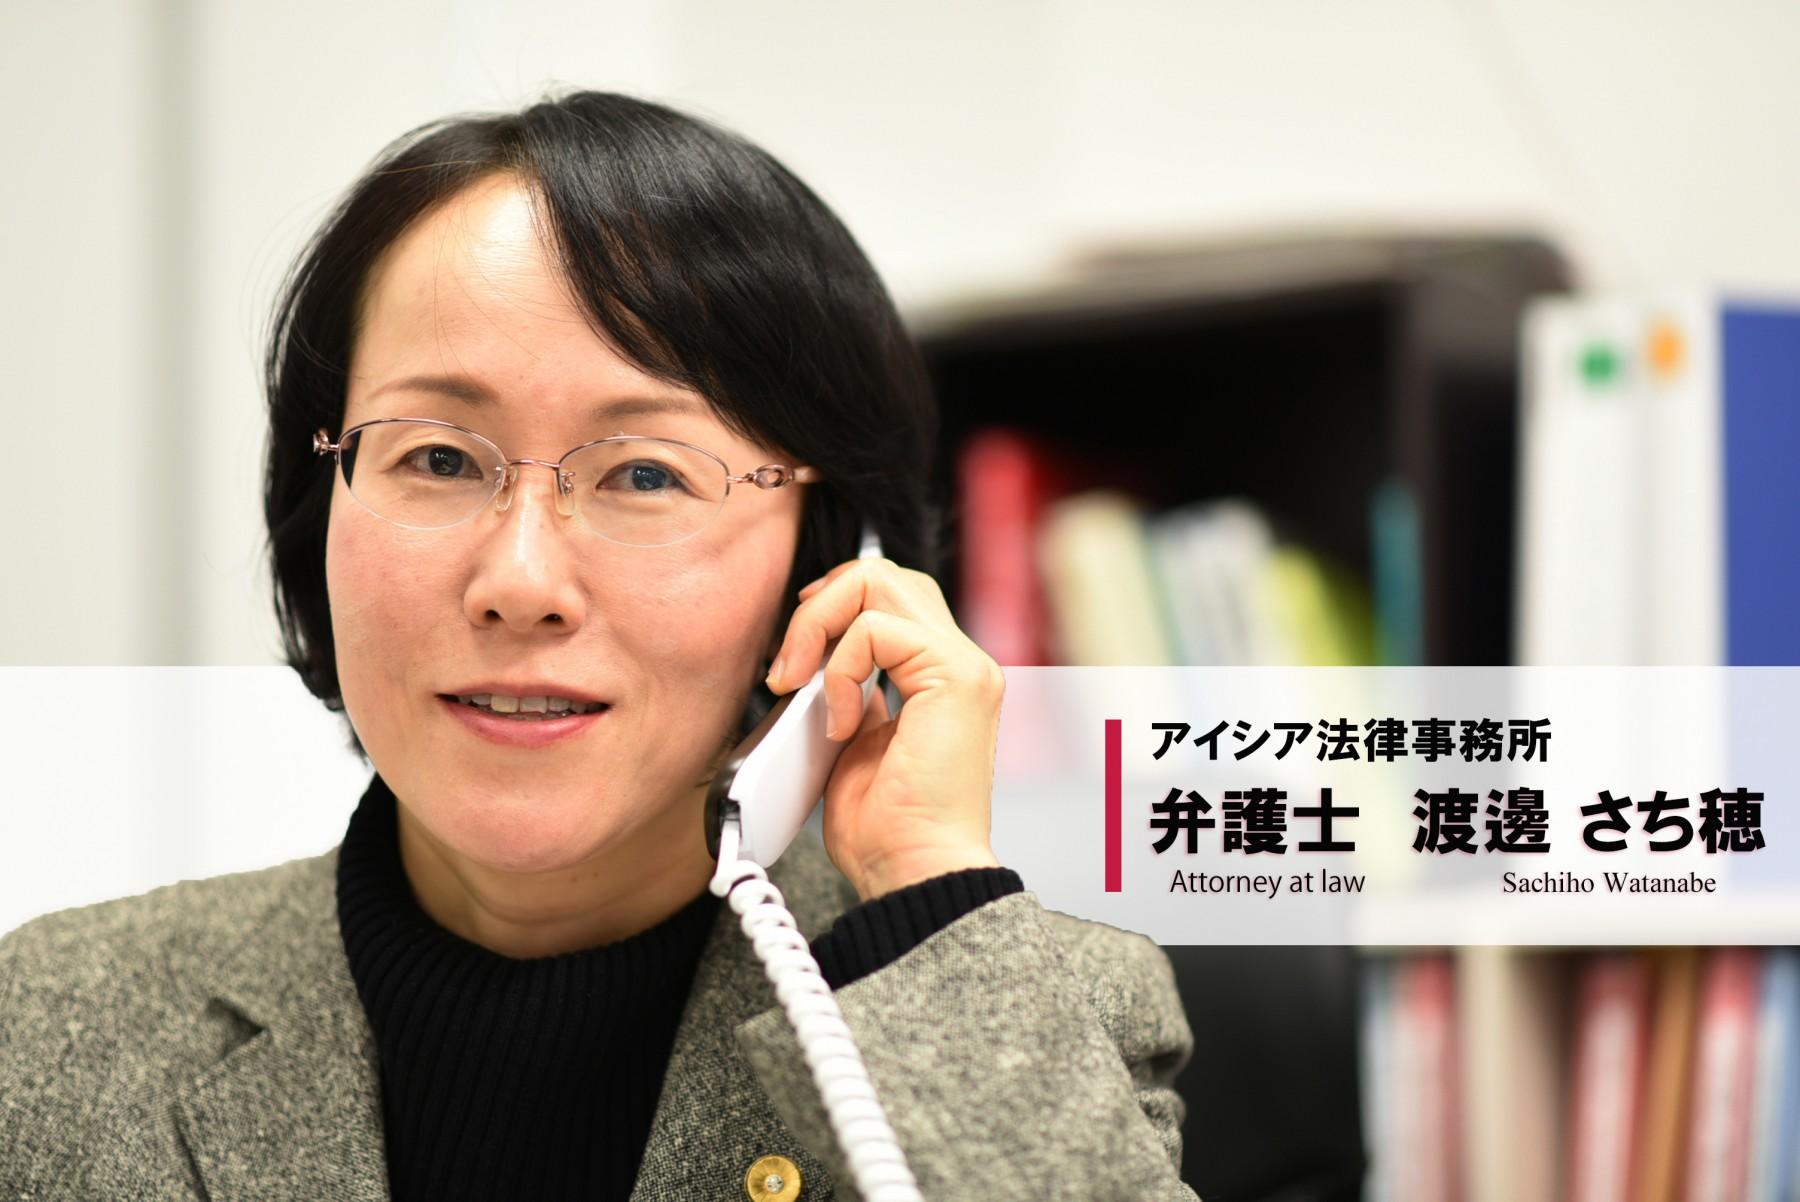 106_渡邊さち穂弁護士(名前入り)編集